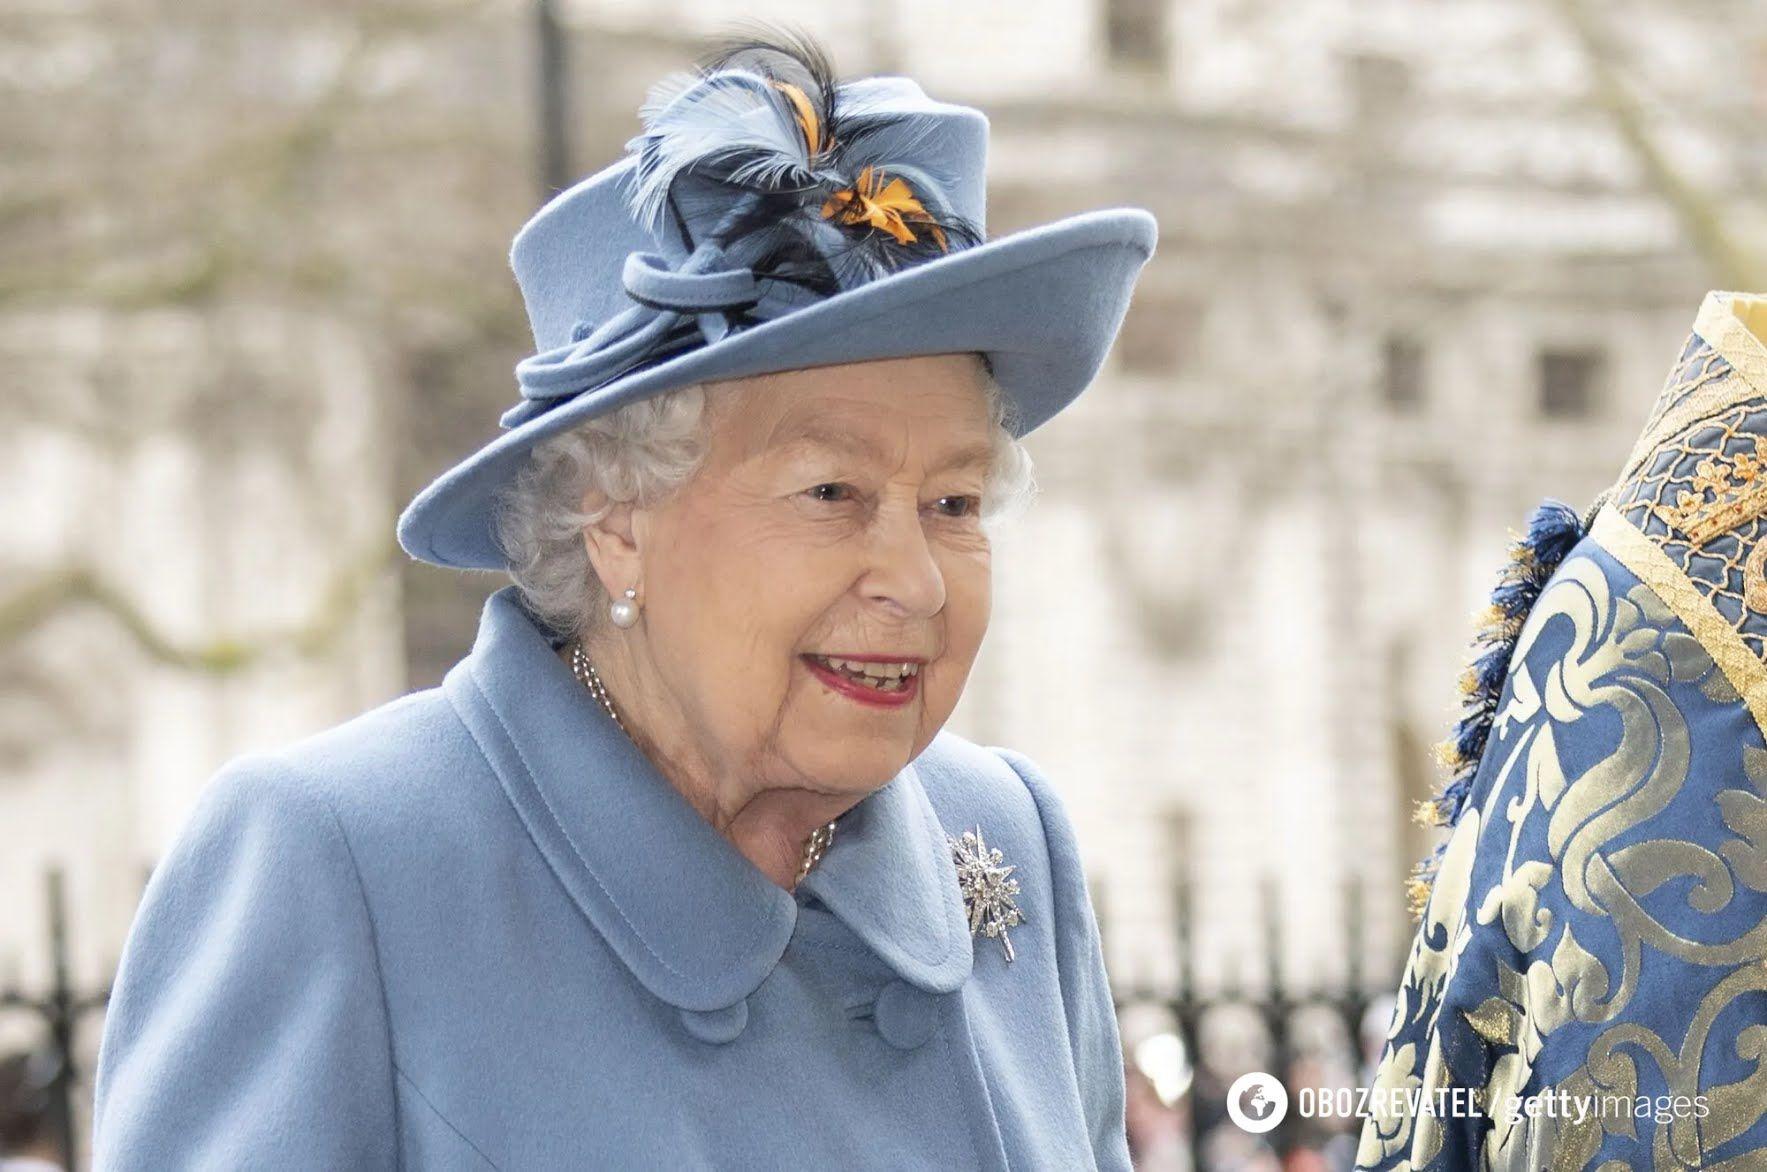 Обслуживающий персонал королевского дворца никогда не допустит того, чтобы кто-то отравил монарха